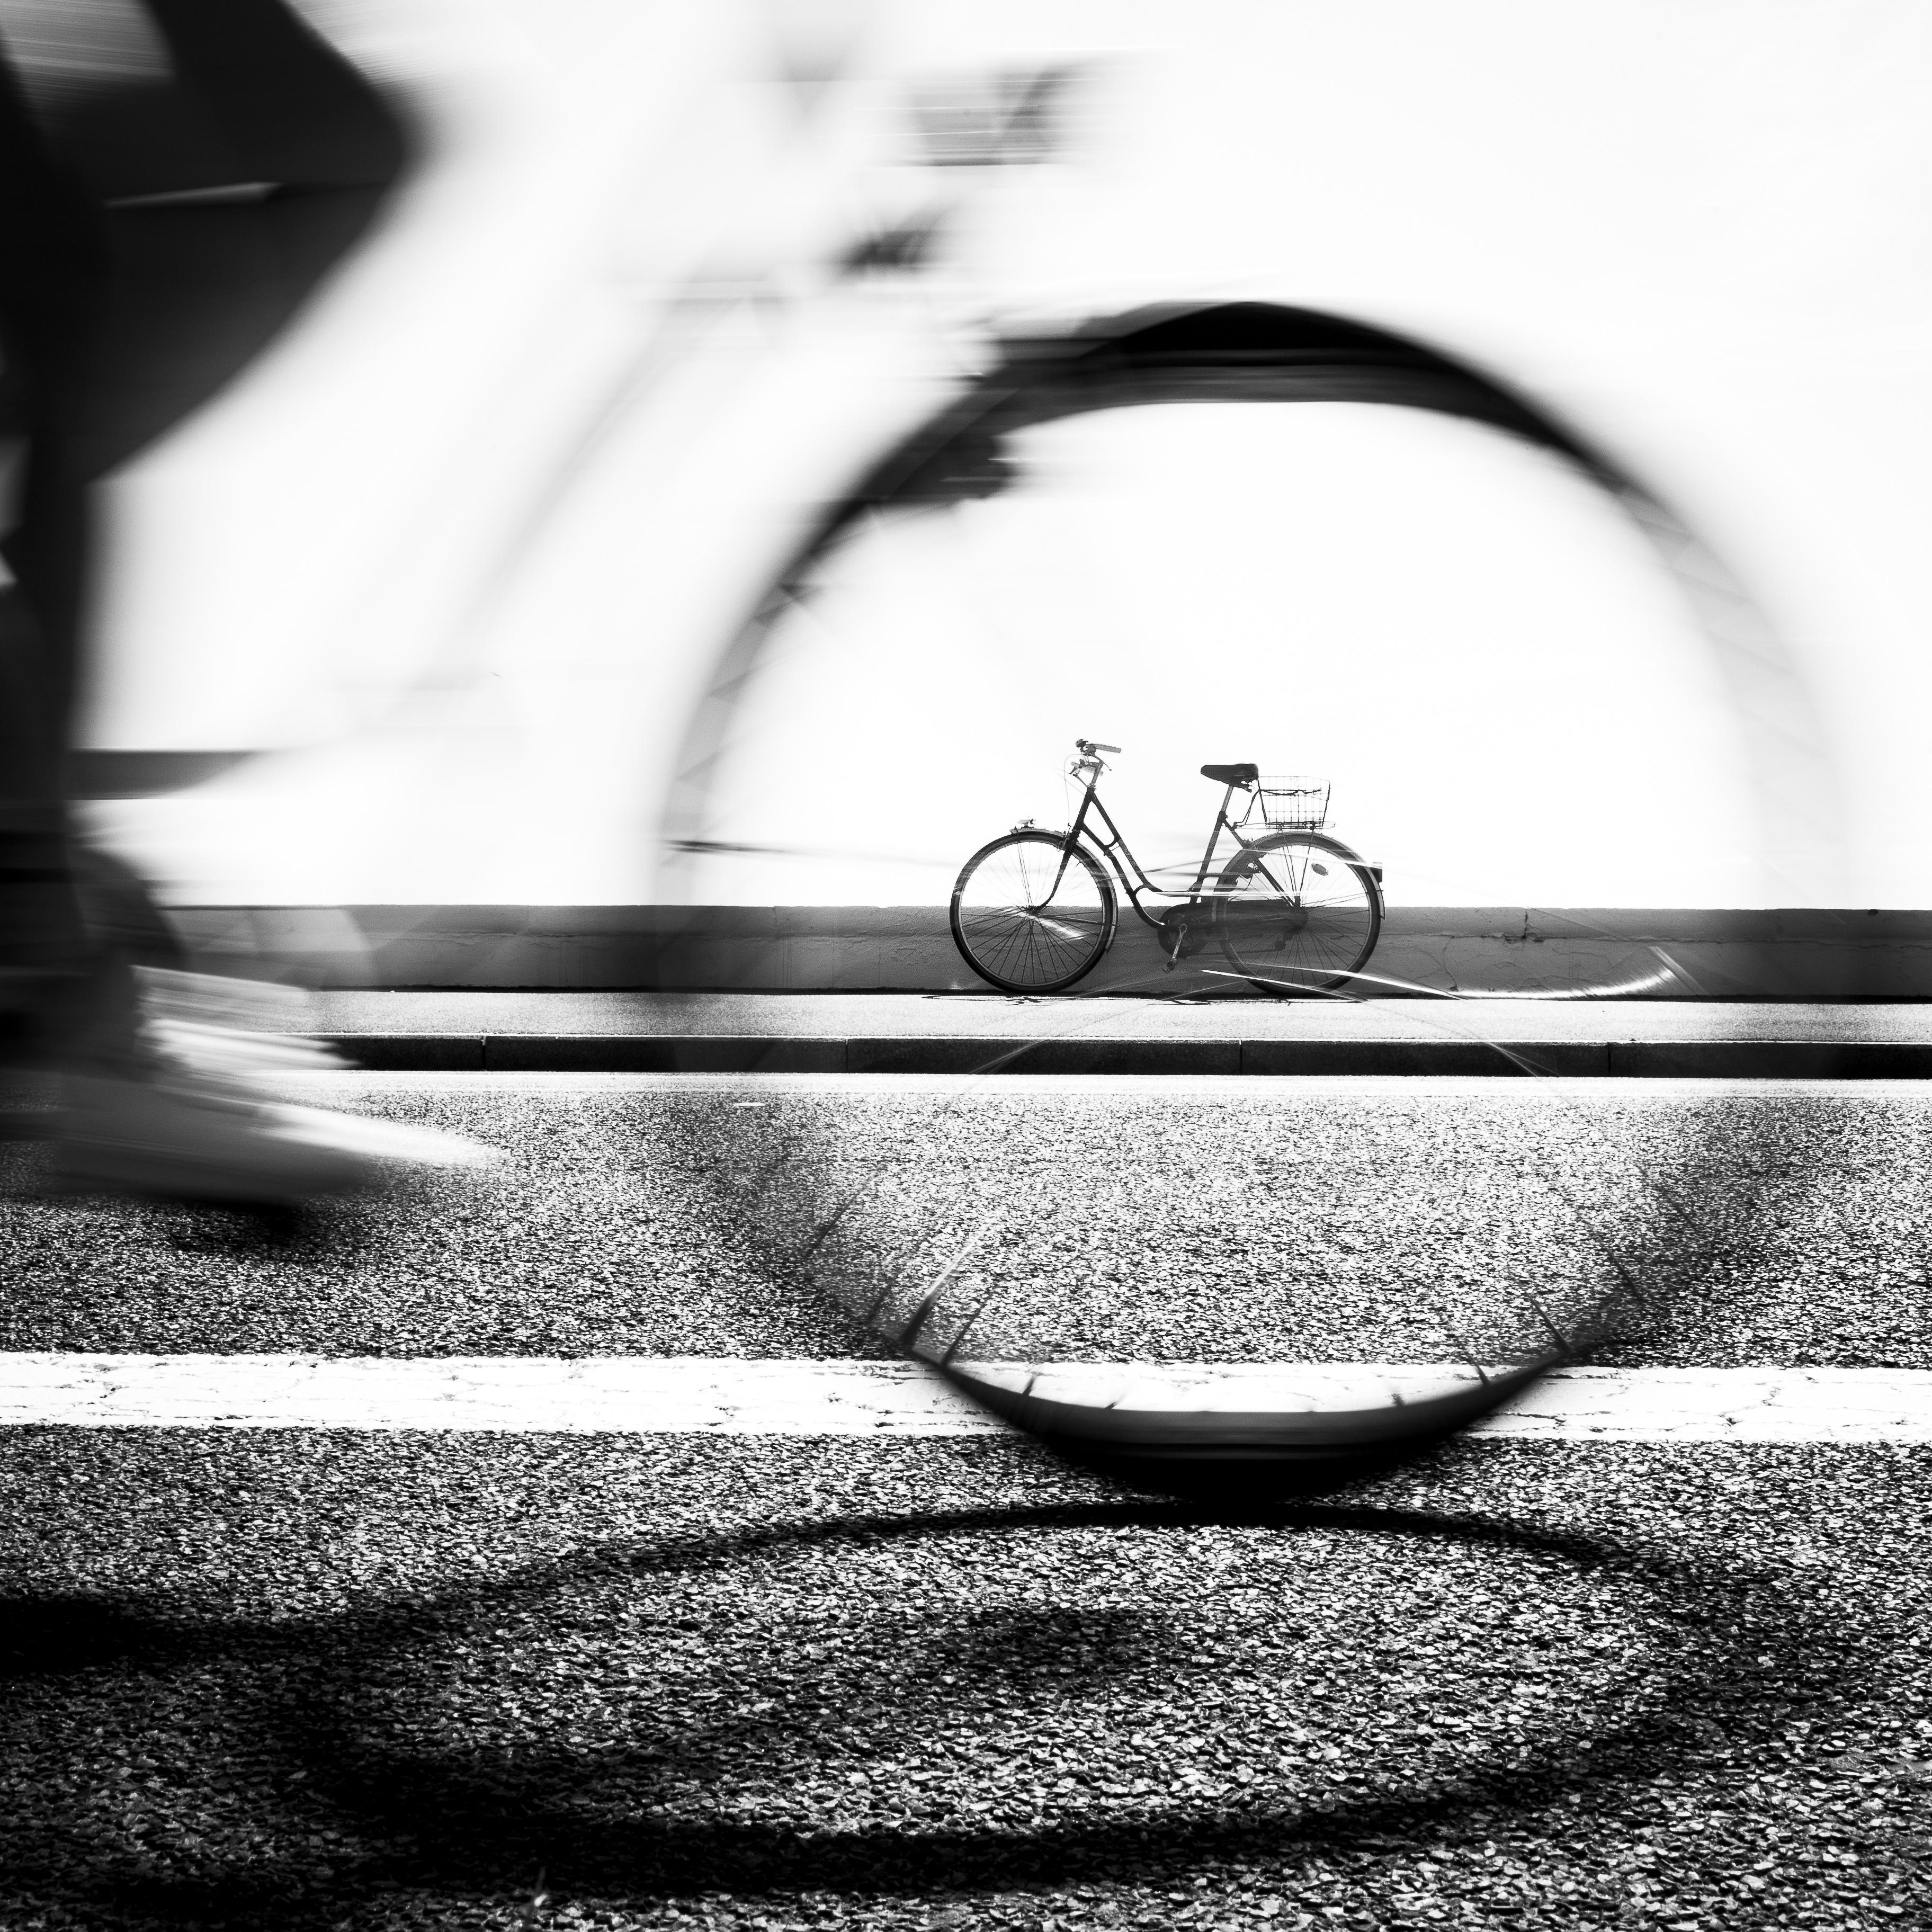 Timing - Photographie Yann Lecomte- Sablographie